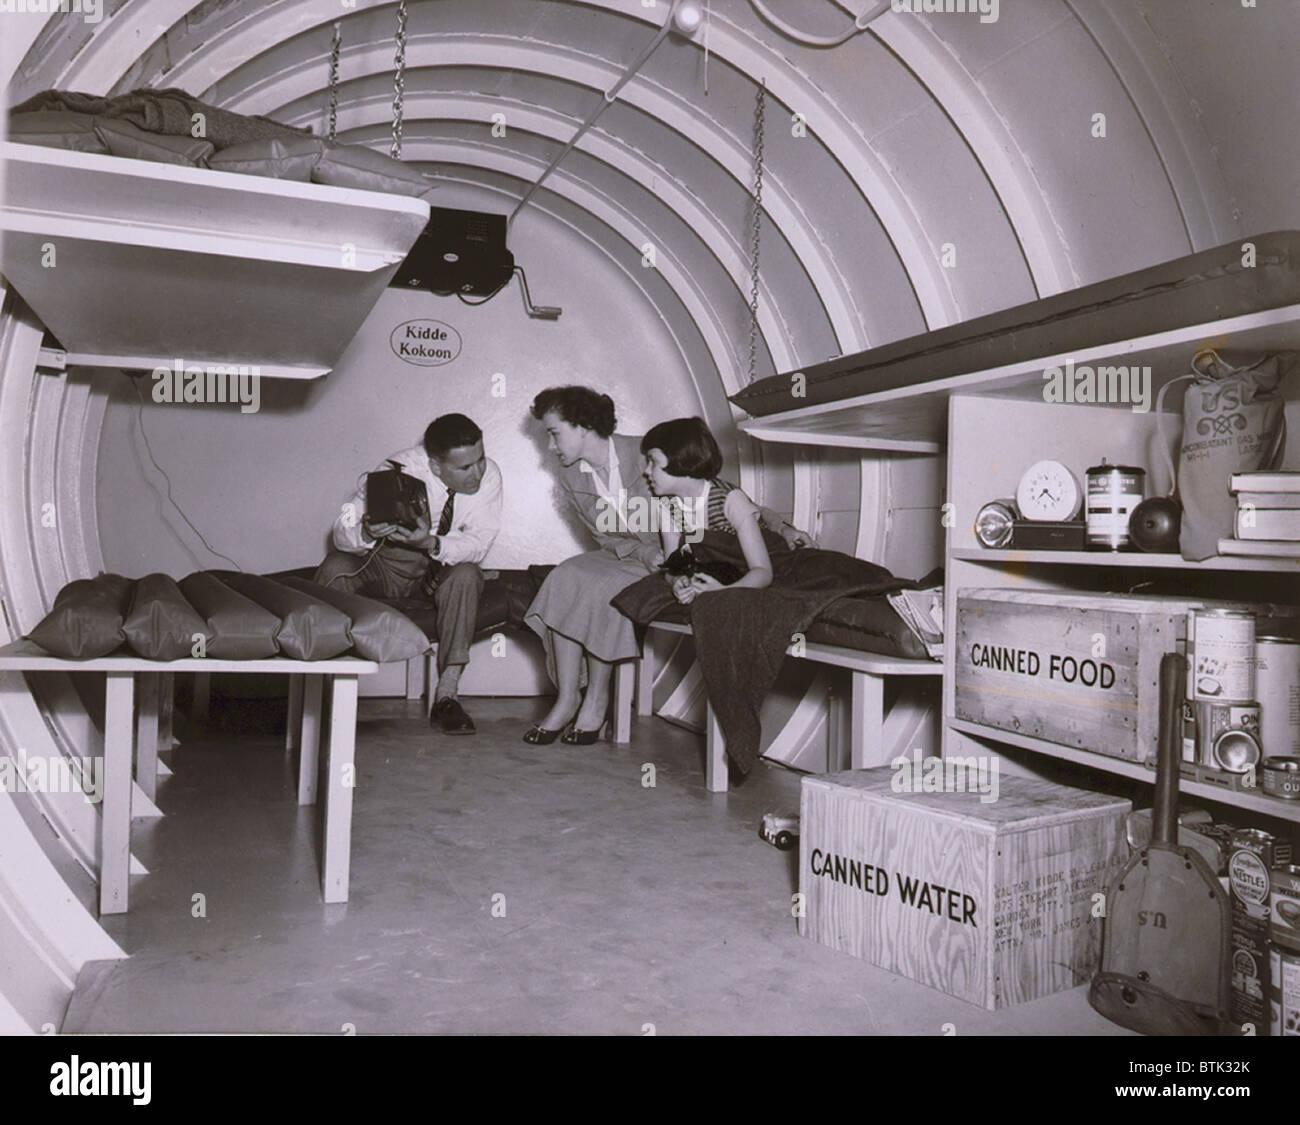 Interior de un metro atomic fallout shelter en Long Island, Nueva York, 1955. Imagen De Stock